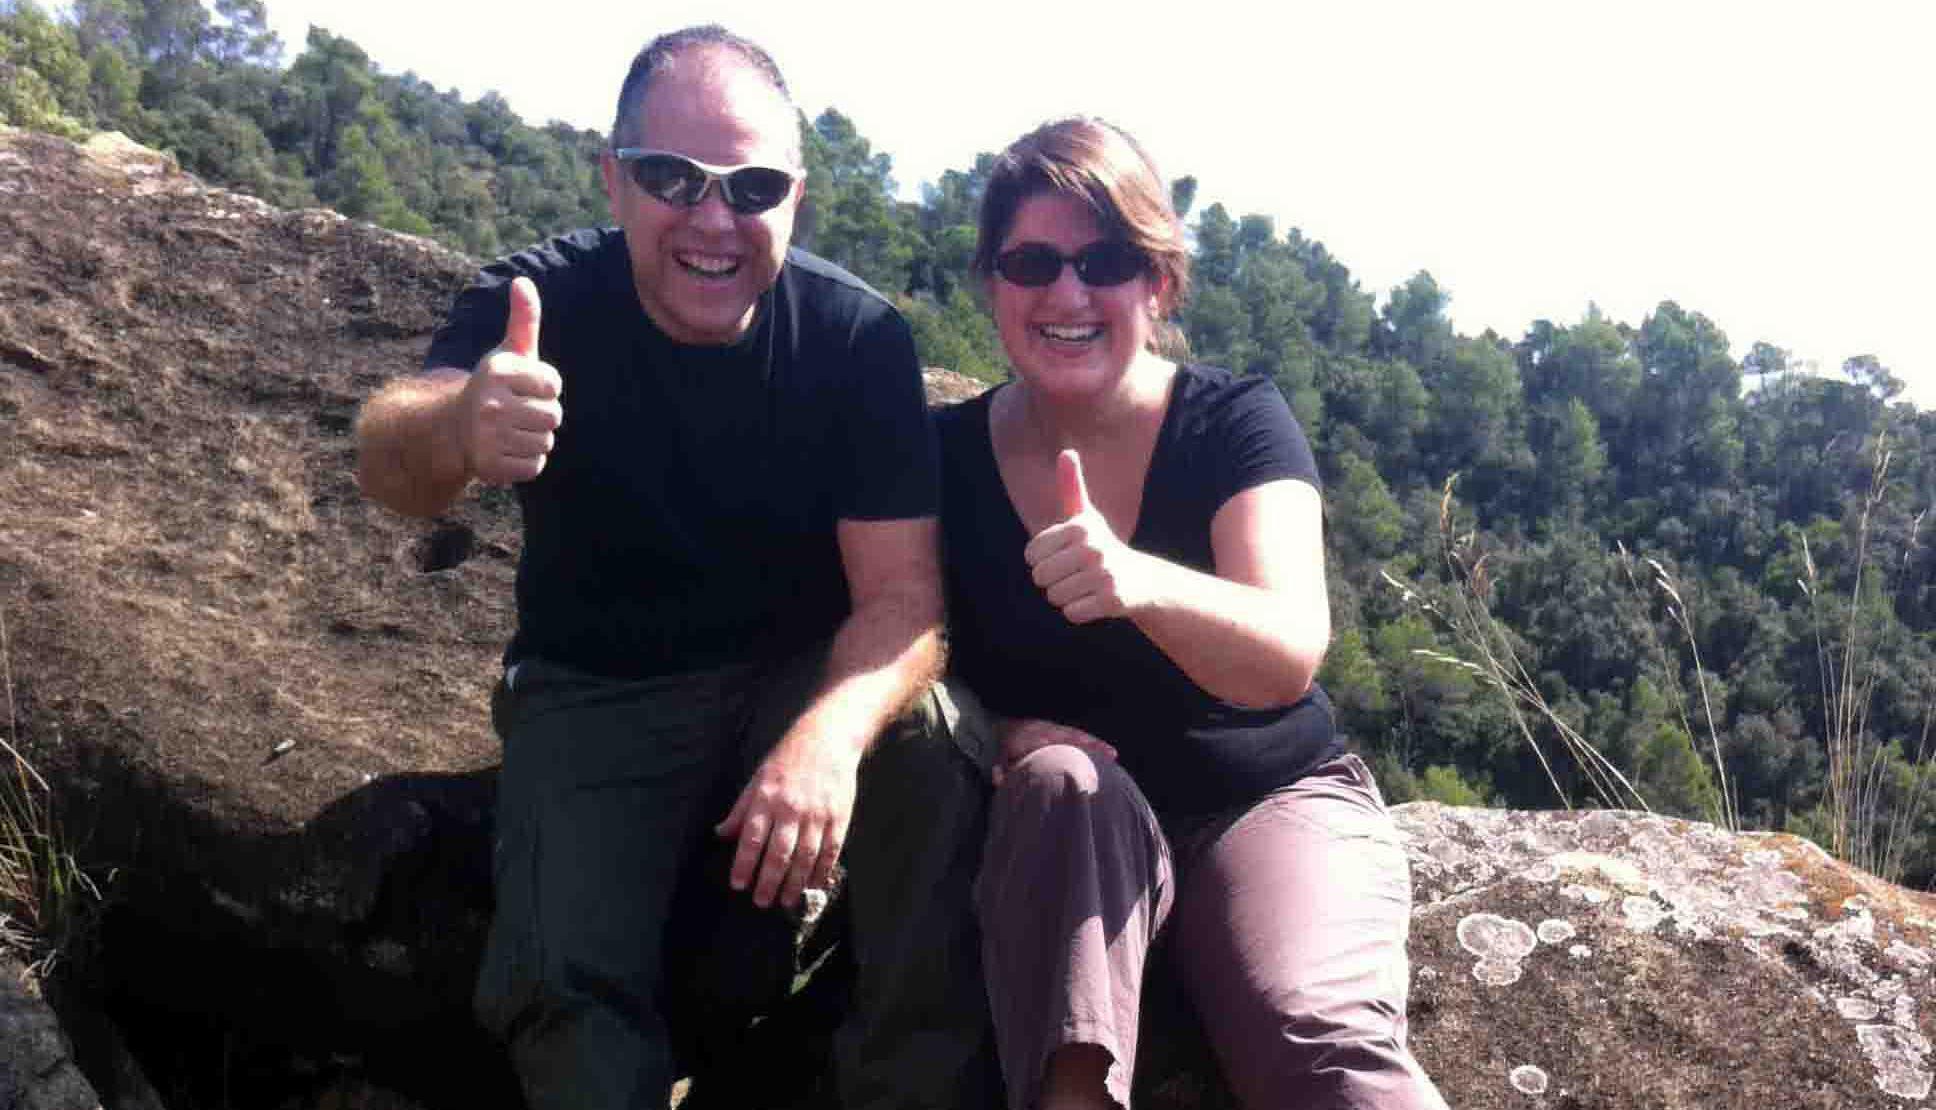 La excursión a una cueva con mensaje oculto - Sandra Llinares y Juan Marín Pozo